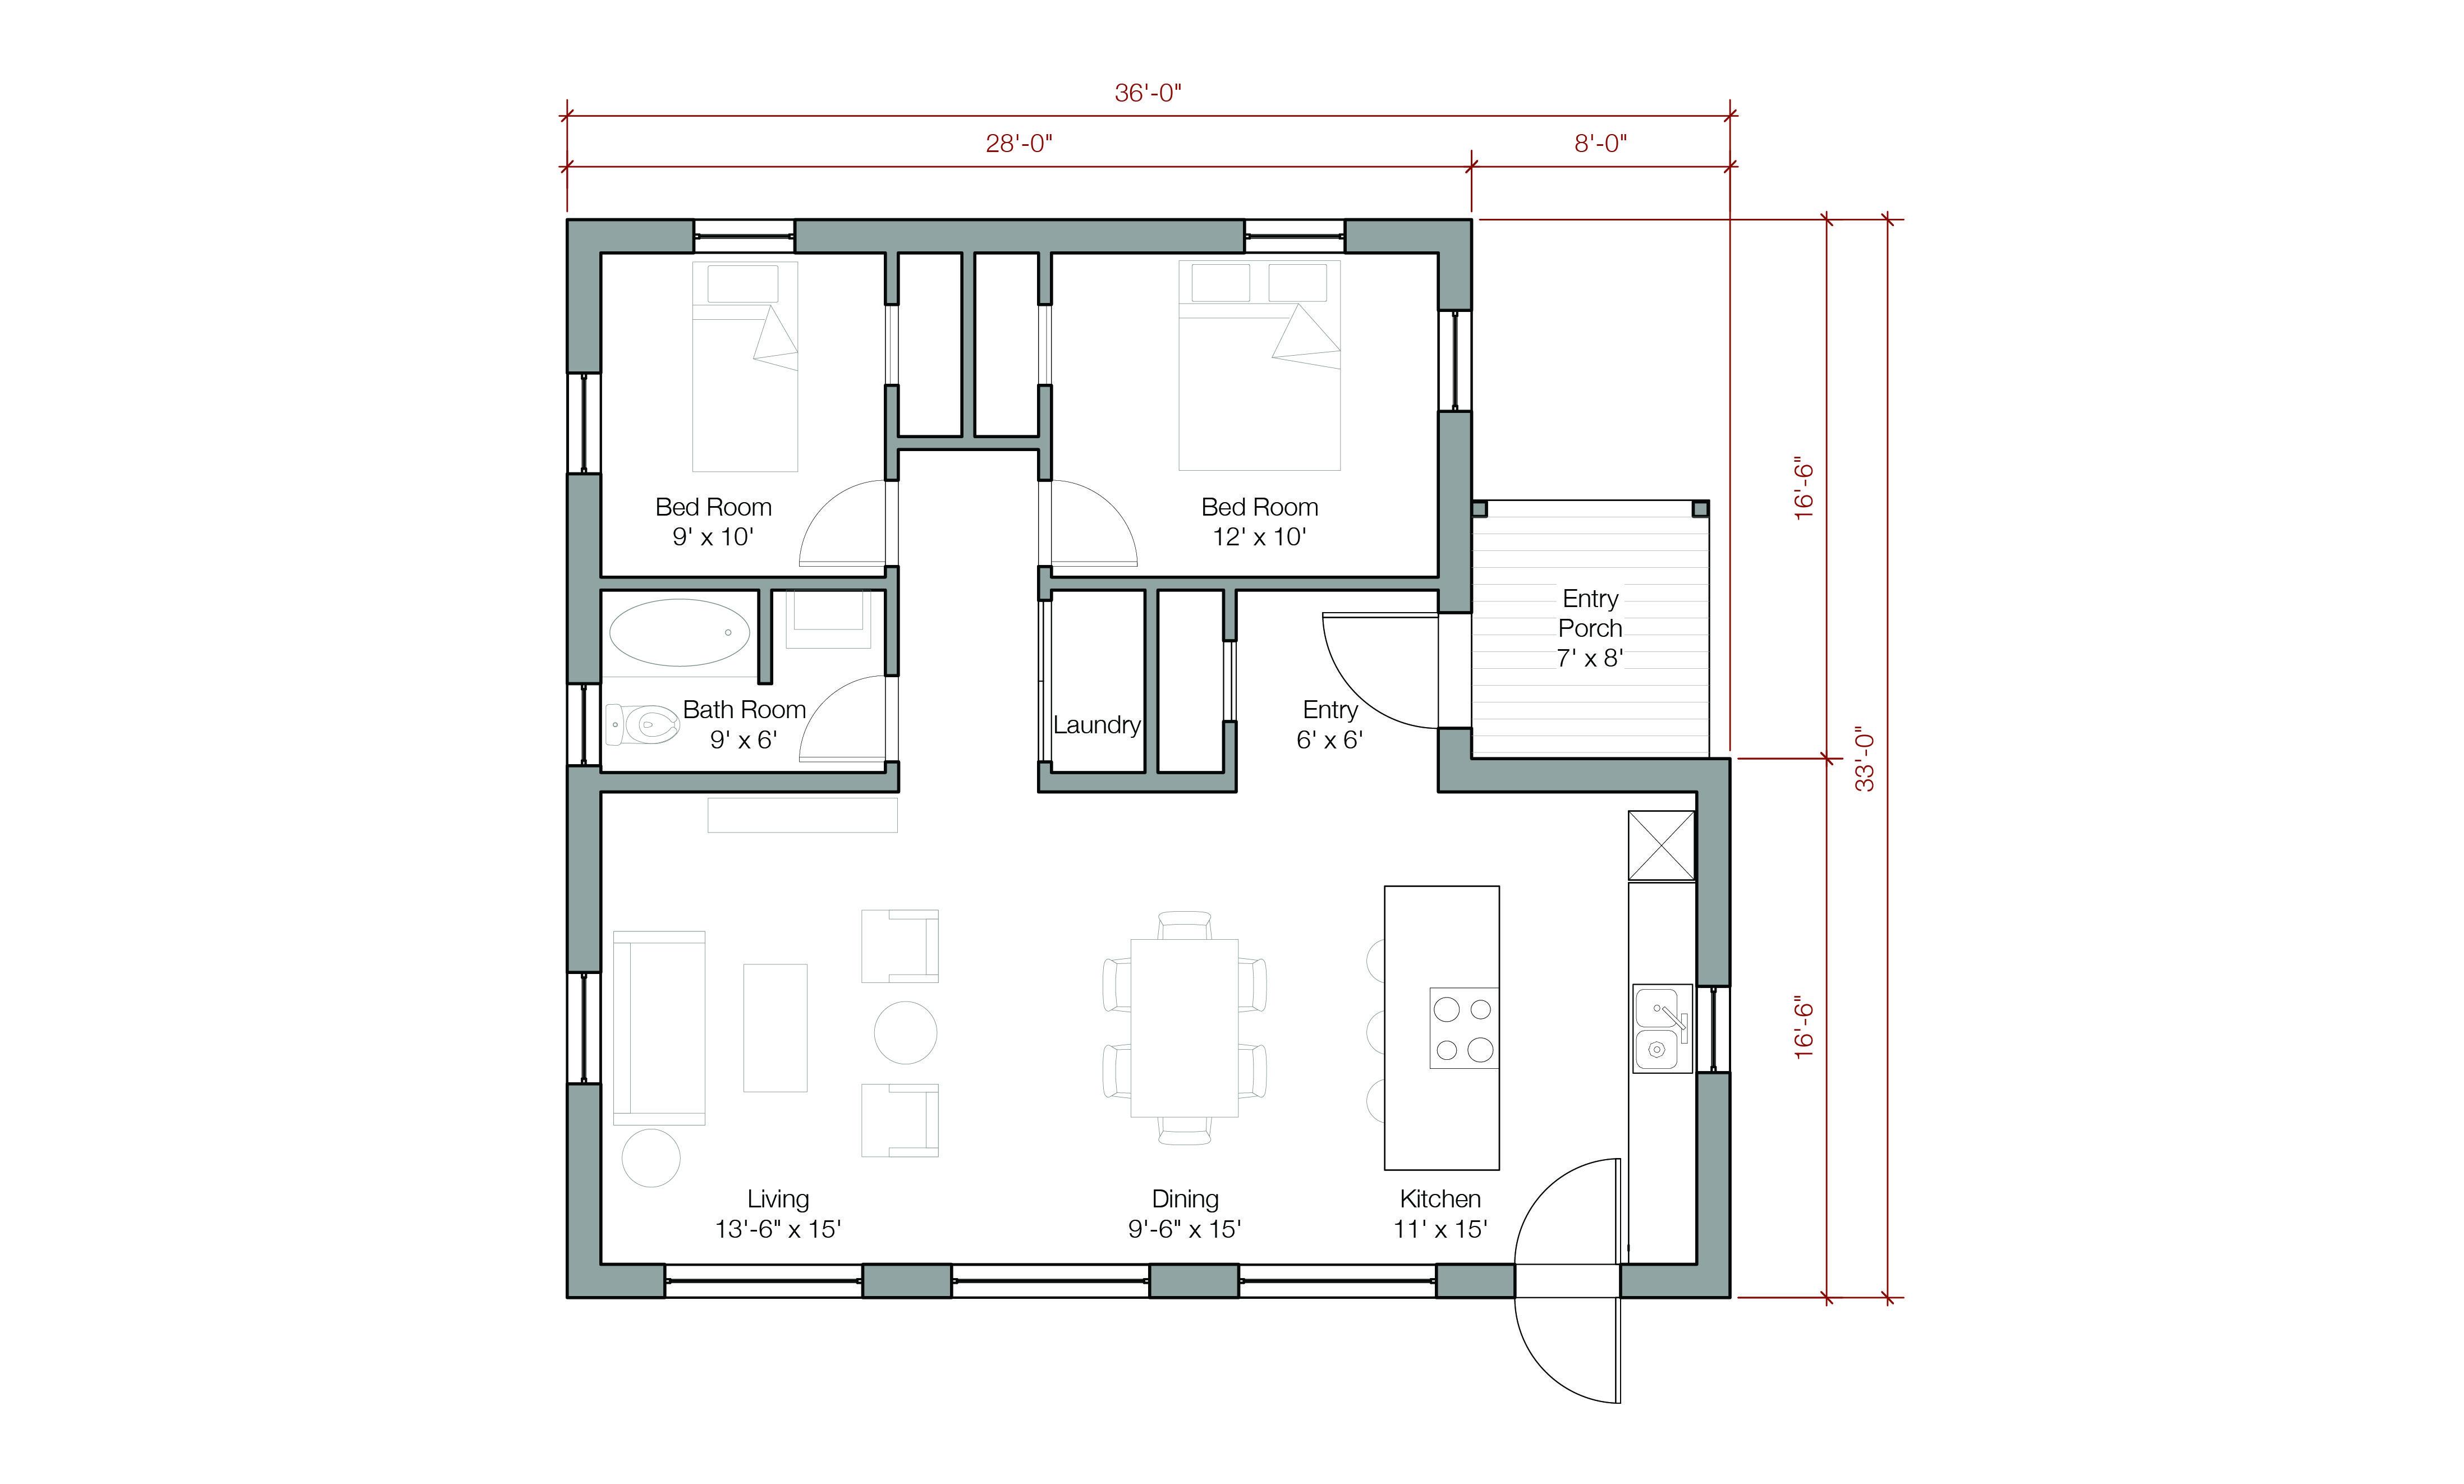 1100 Sq Ft 1flr 2bdrm Traditional House Plans Loft Spaces House